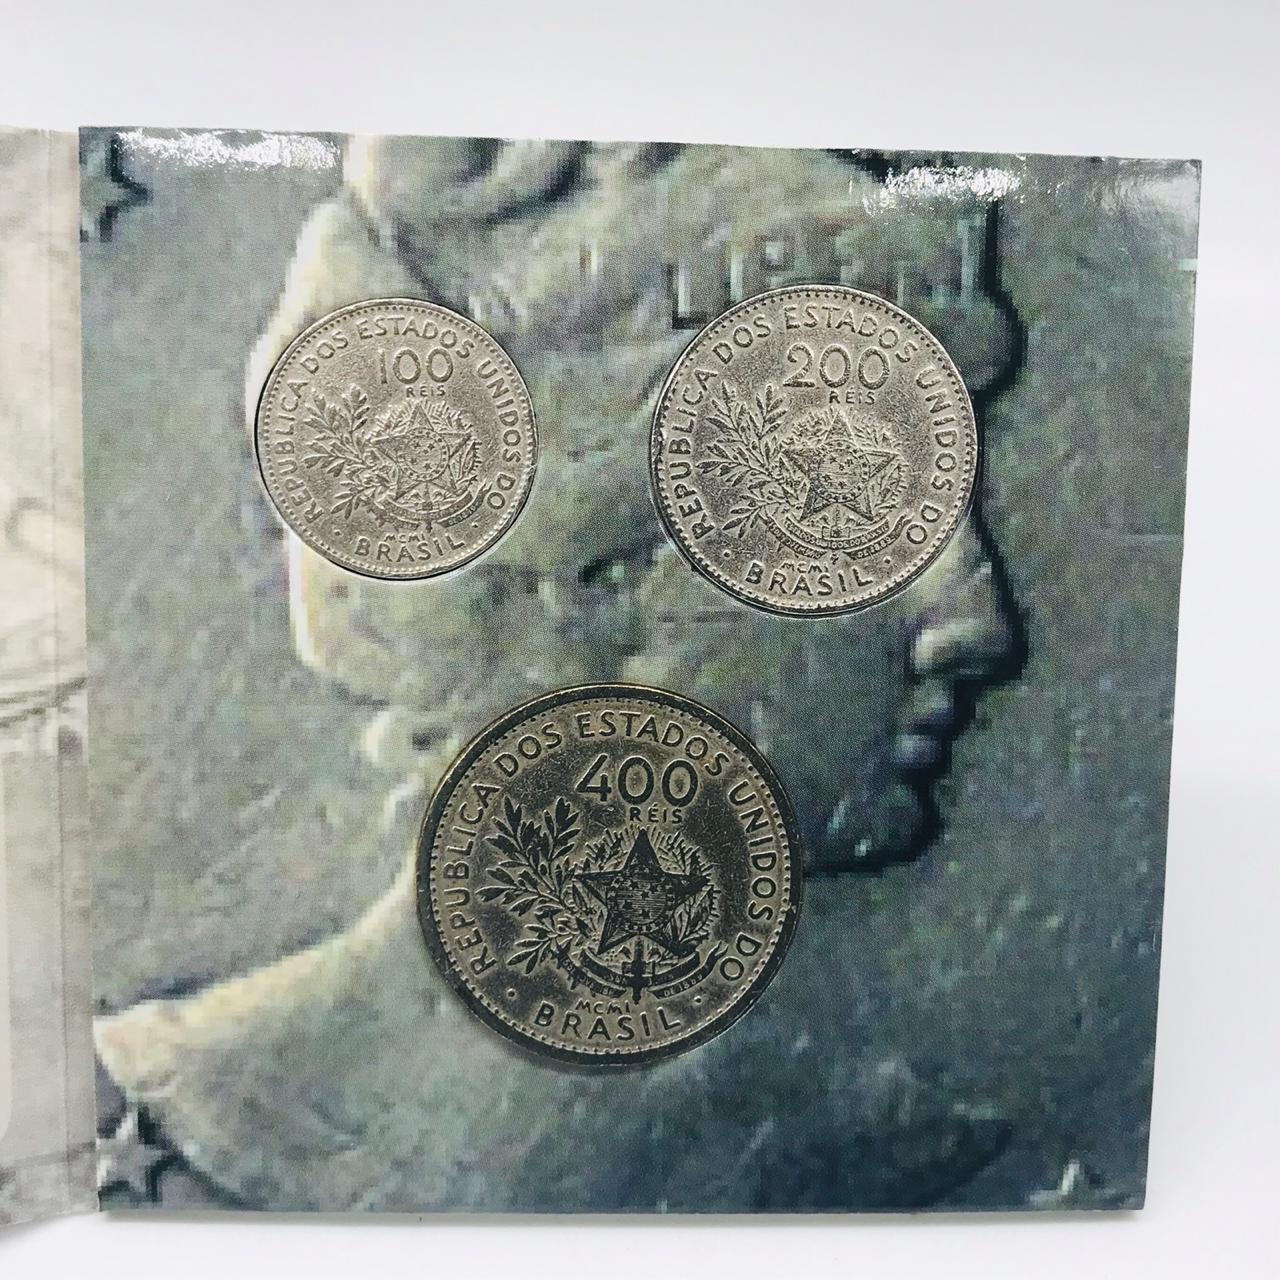 Série com as 3 moedas MCMI (1901) MBC + cartela